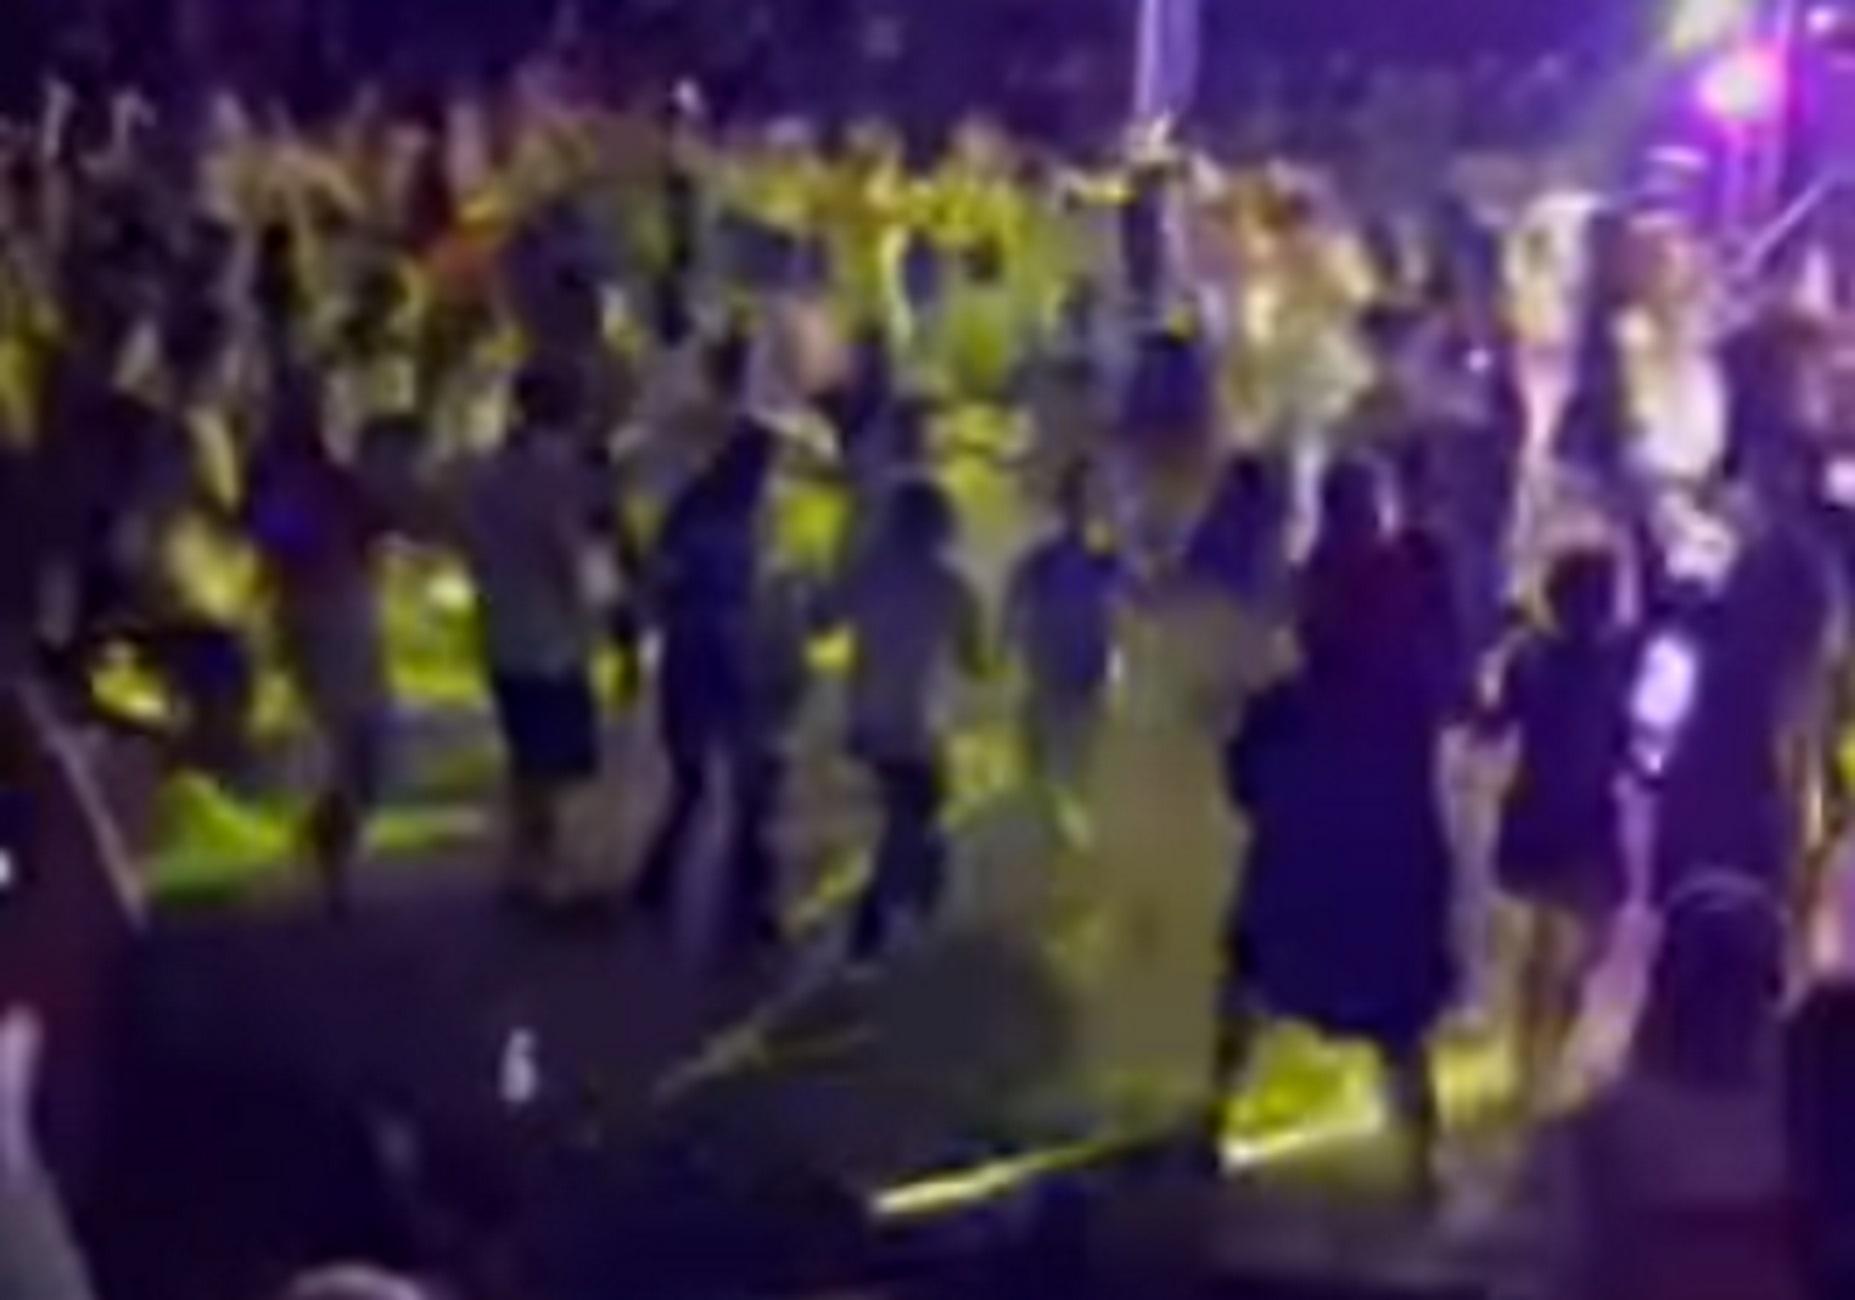 Λιβαδειά – Κορονοϊός: Διακόπηκε η συναυλία μετά από αυτές τις εικόνες – Συνωστισμός στο ξέφρενο γλέντι